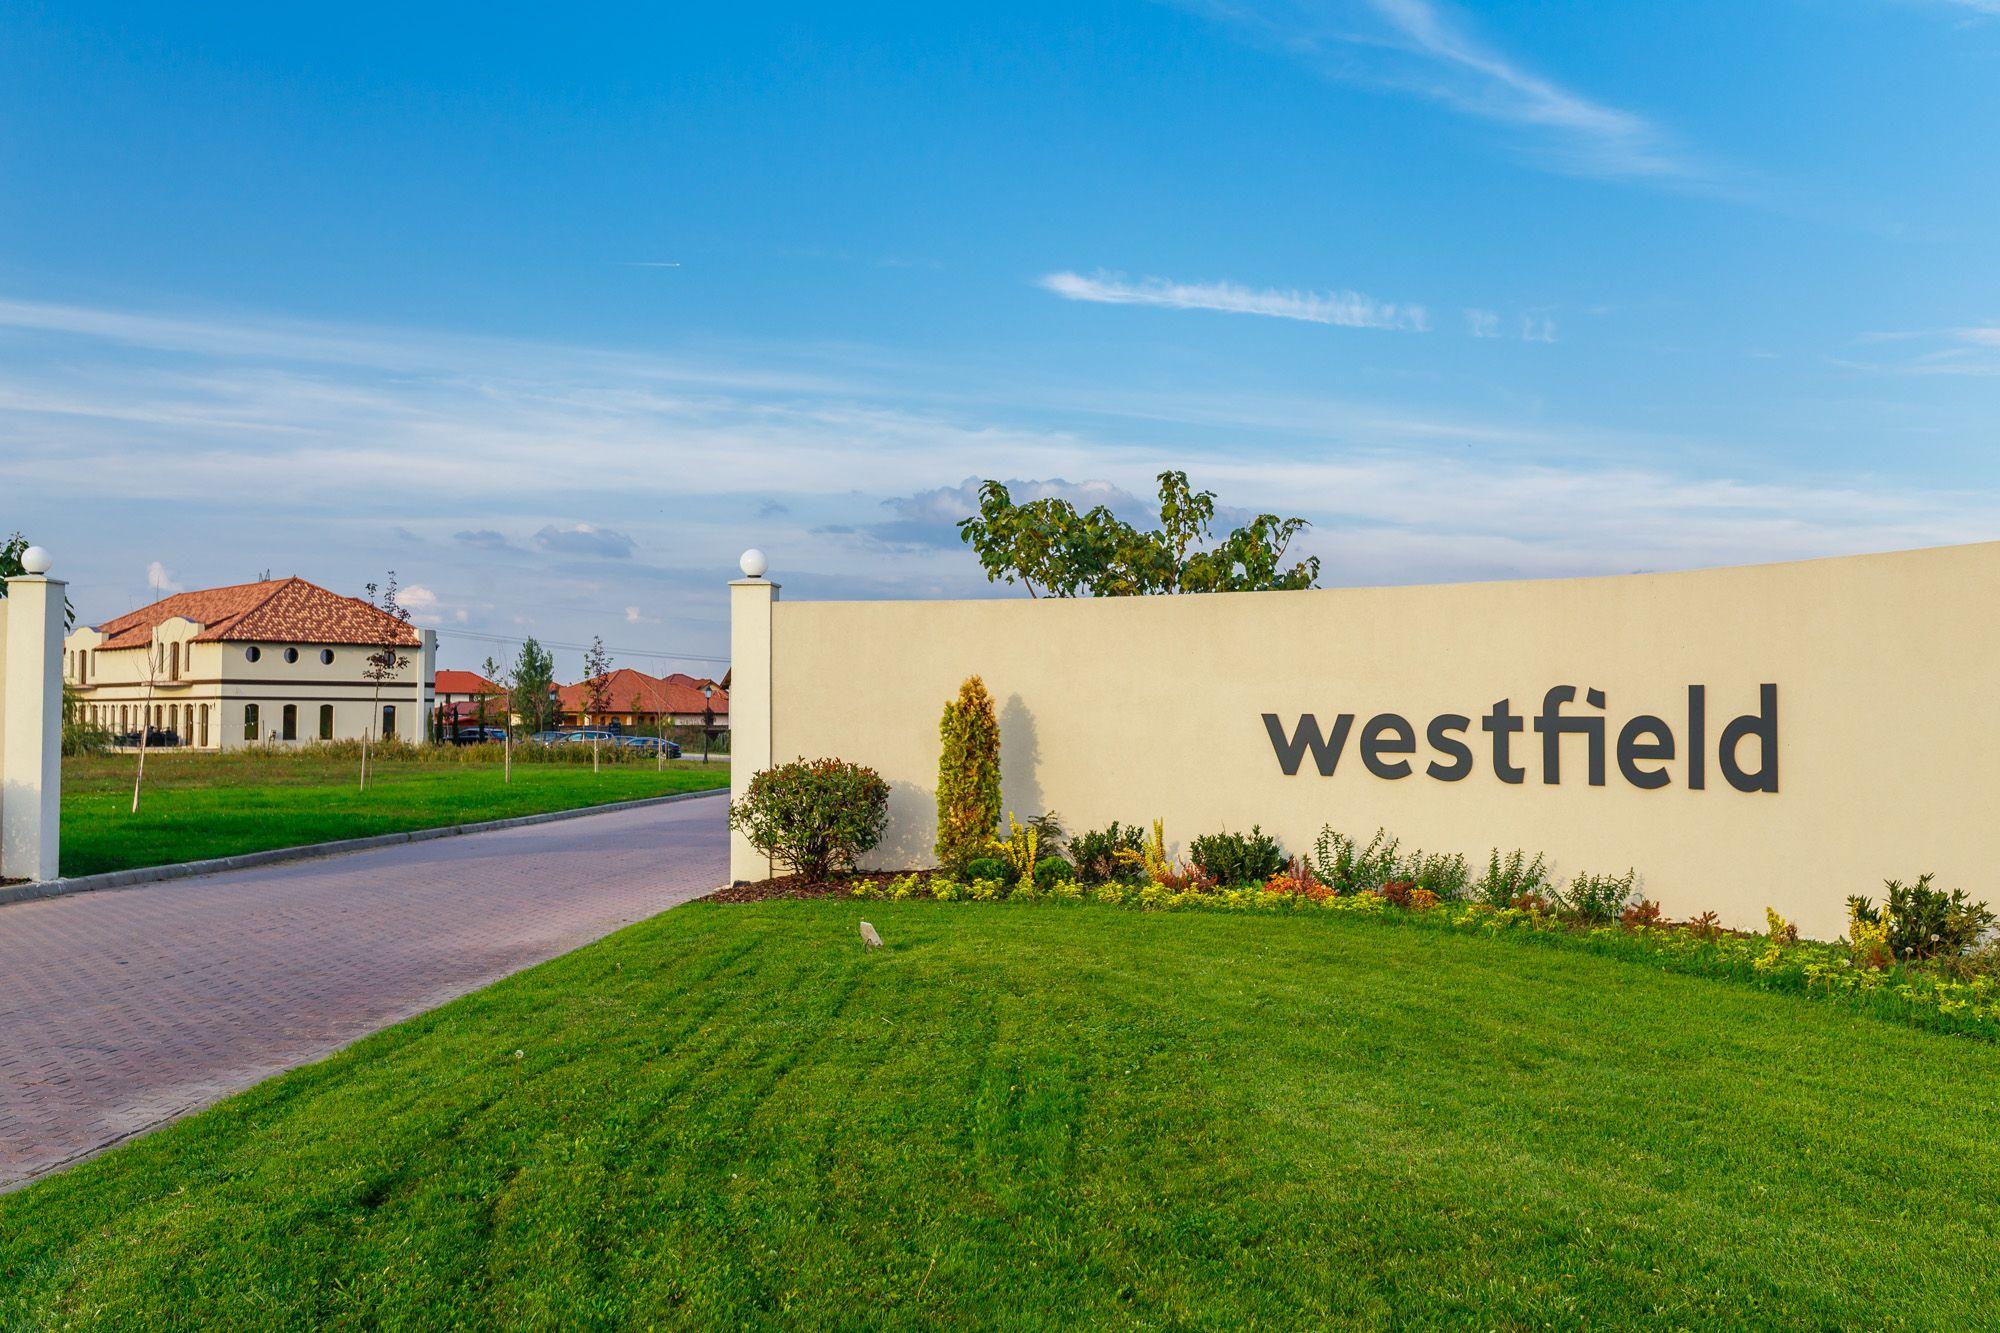 Drumul de acces în cartierului Westfield și